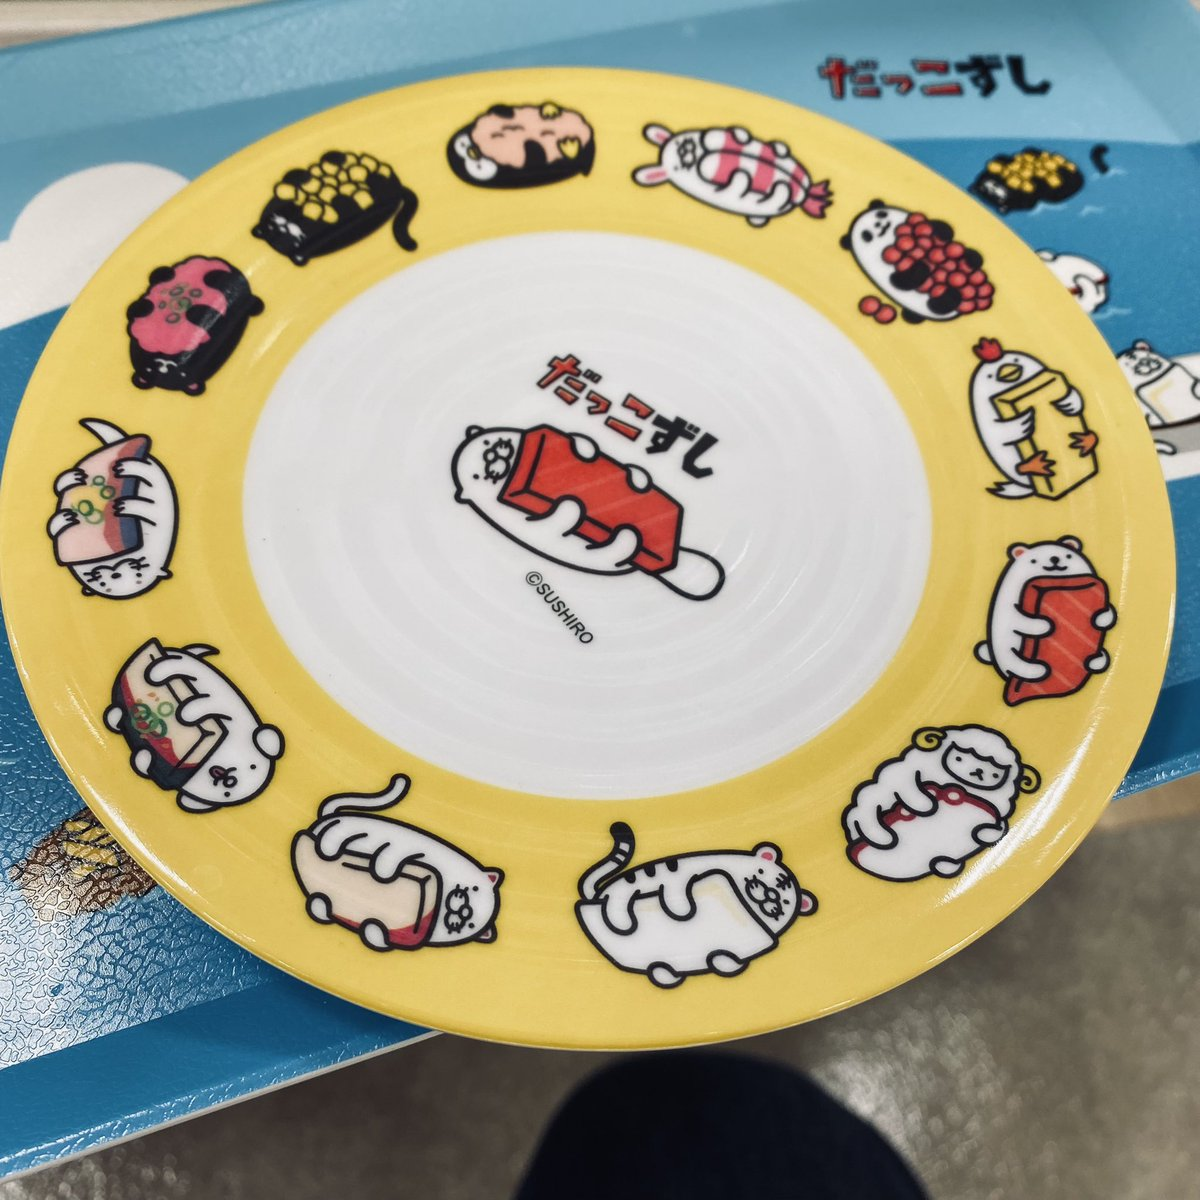 test ツイッターメディア - これ可愛い! 回転寿司のお皿の形してる! #セリア #だっこずし https://t.co/z19KoF8bSX